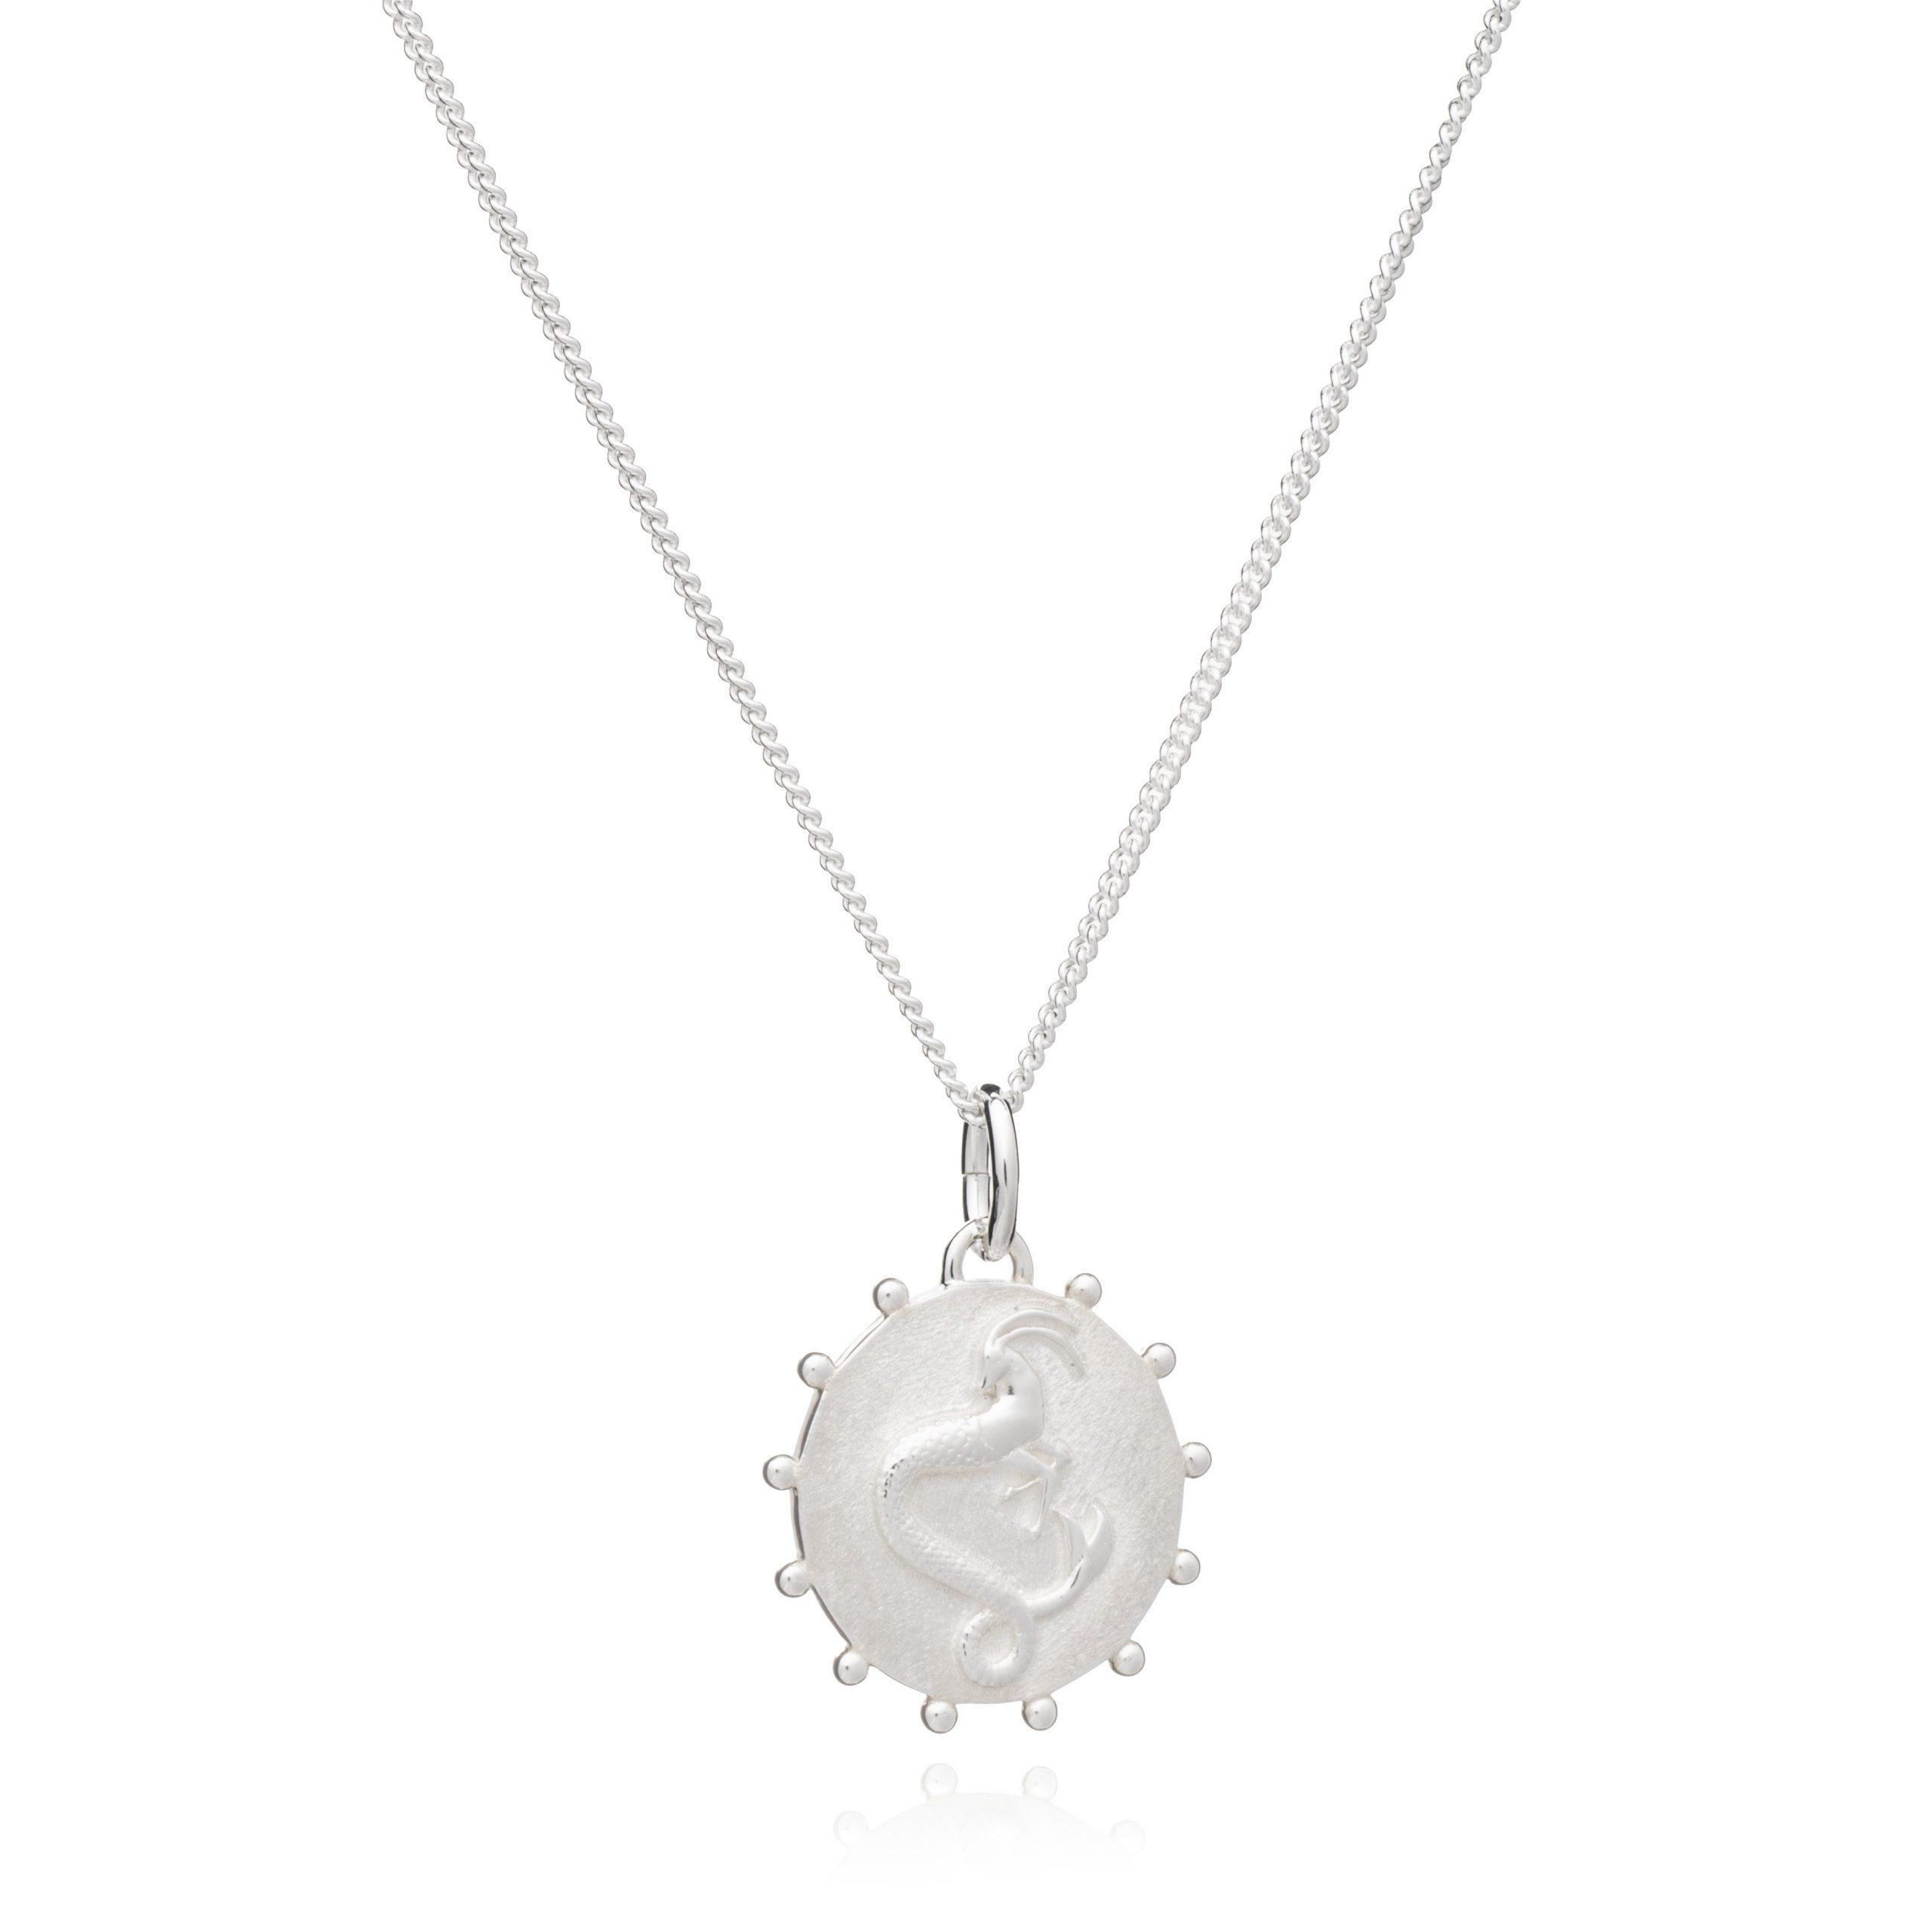 Zodiac Art Coin Short Necklace - SILVER